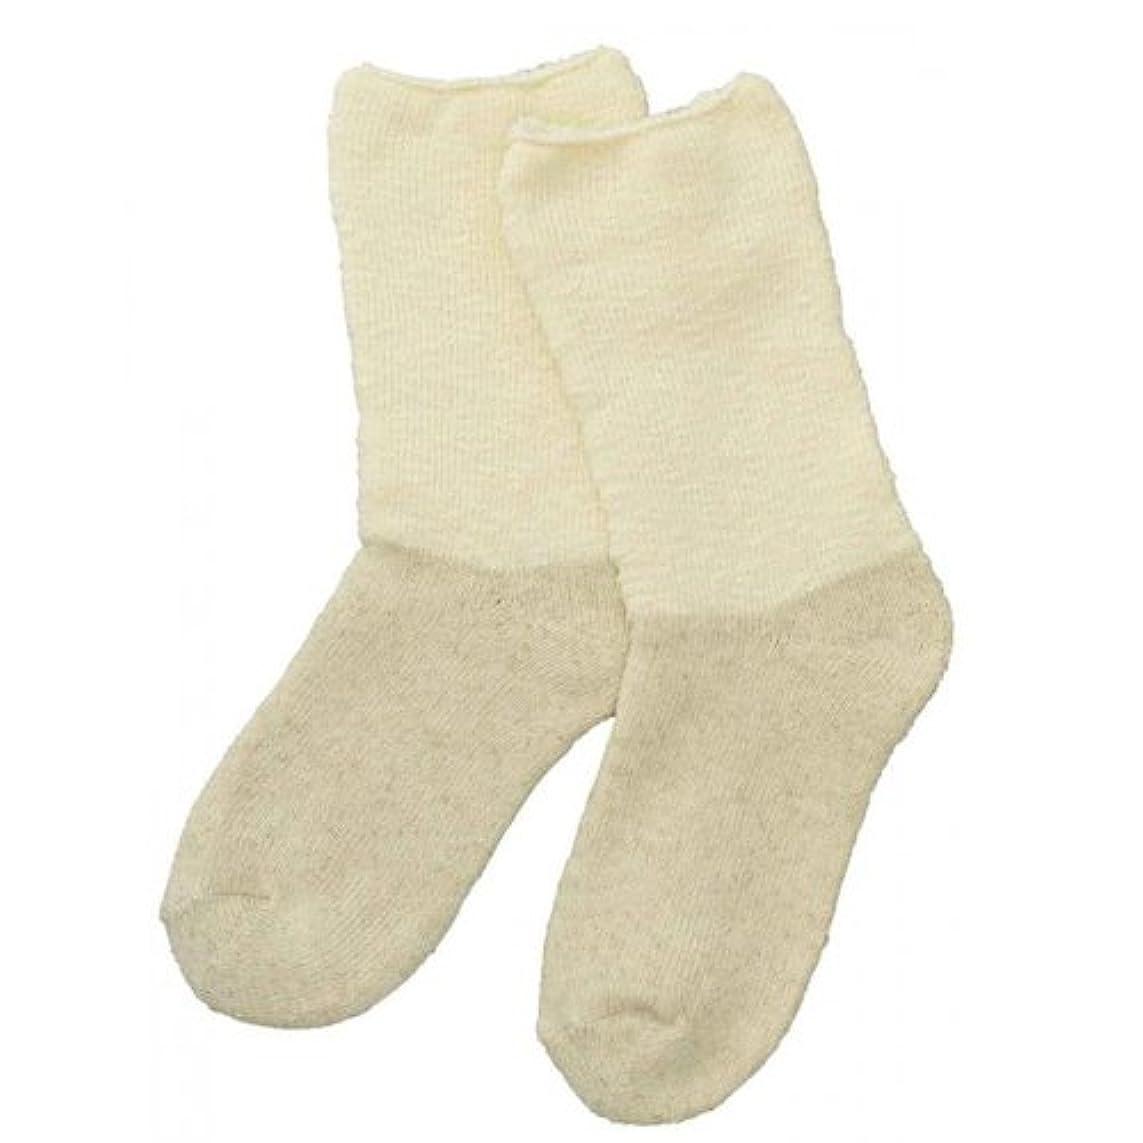 消毒剤浮浪者イースターCarelance(ケアランス)お風呂上りのやさしい靴下 綿麻パイルで足先さわやか 8706CA-31 クリーム